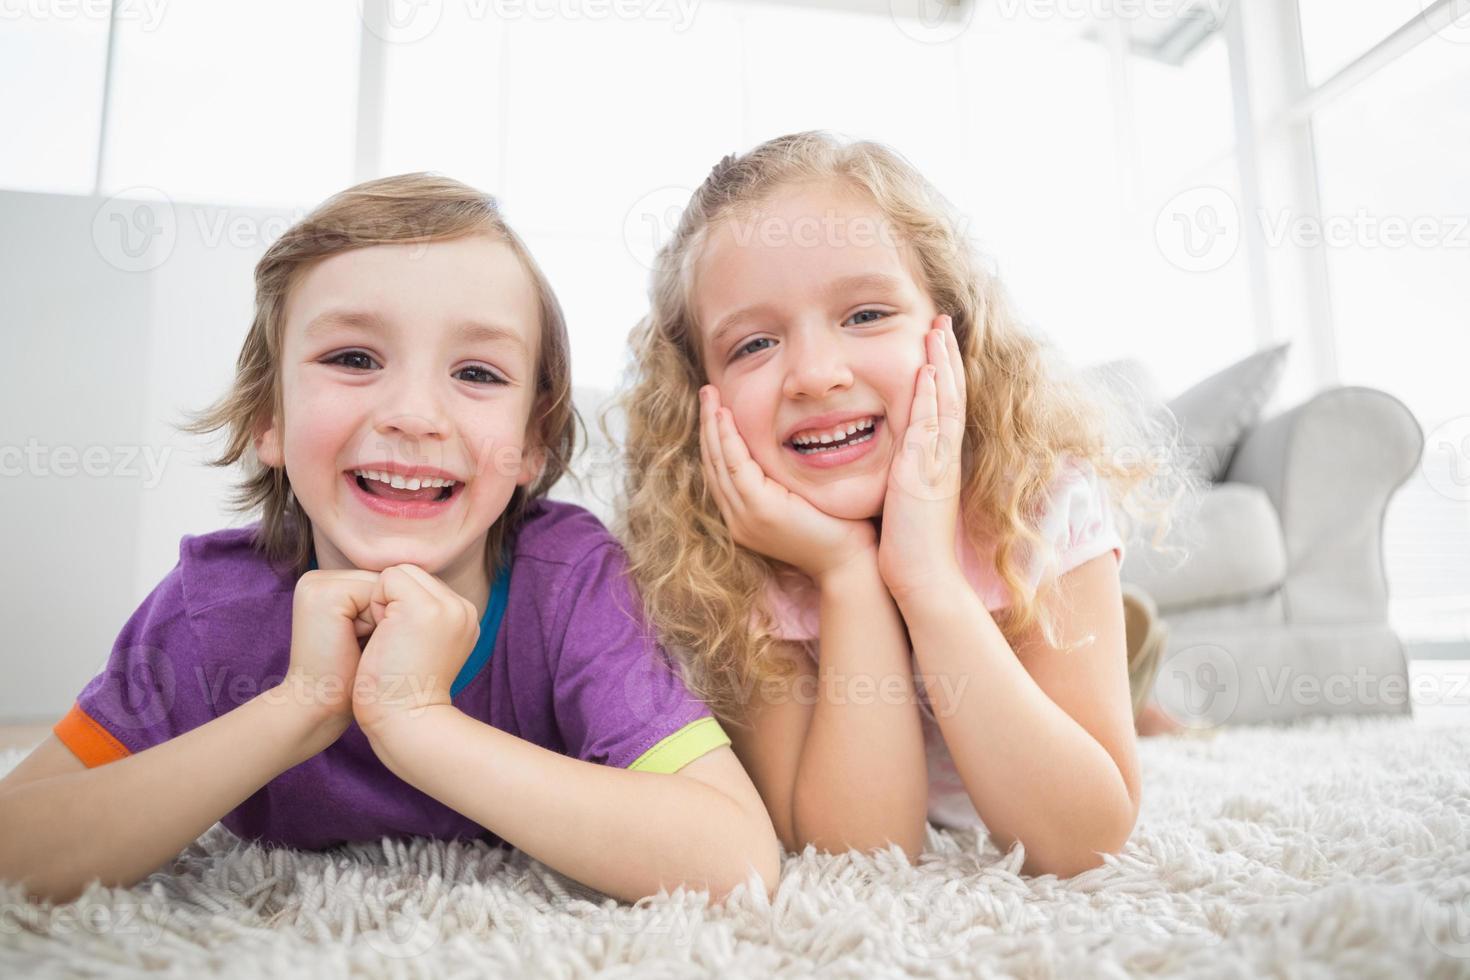 frères et sœurs heureux allongé sur un tapis à la maison photo